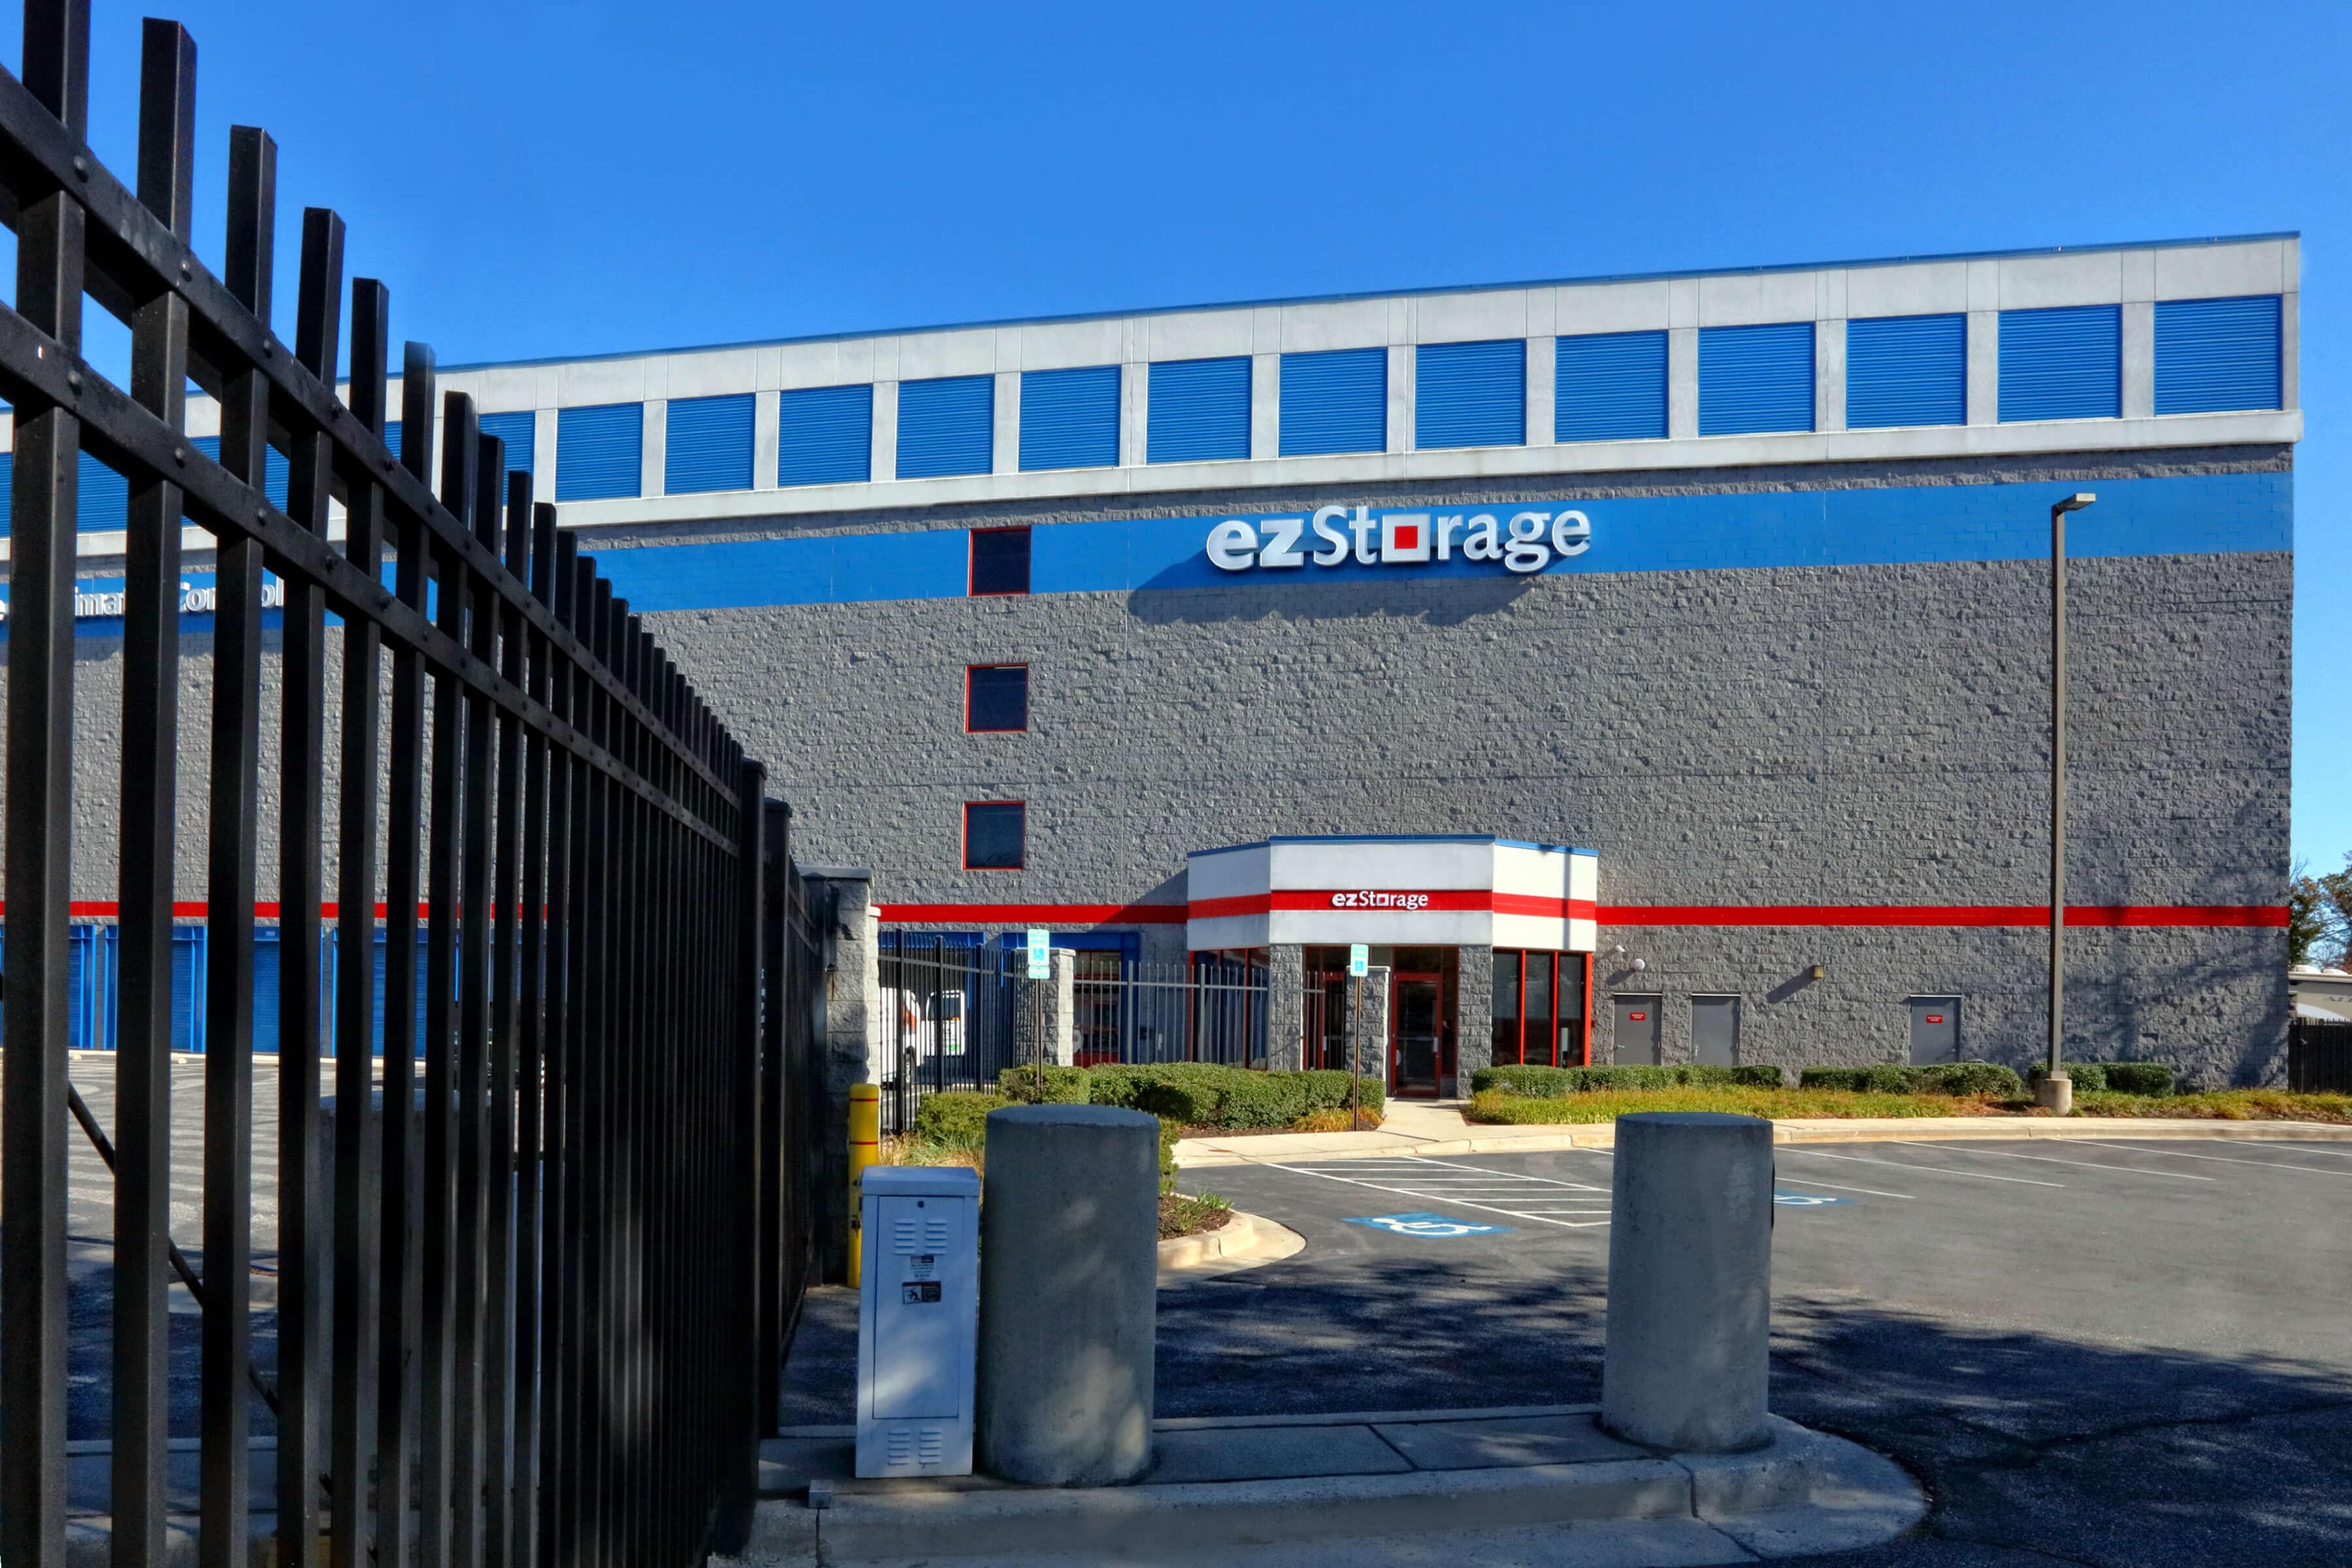 ezStorage image 6